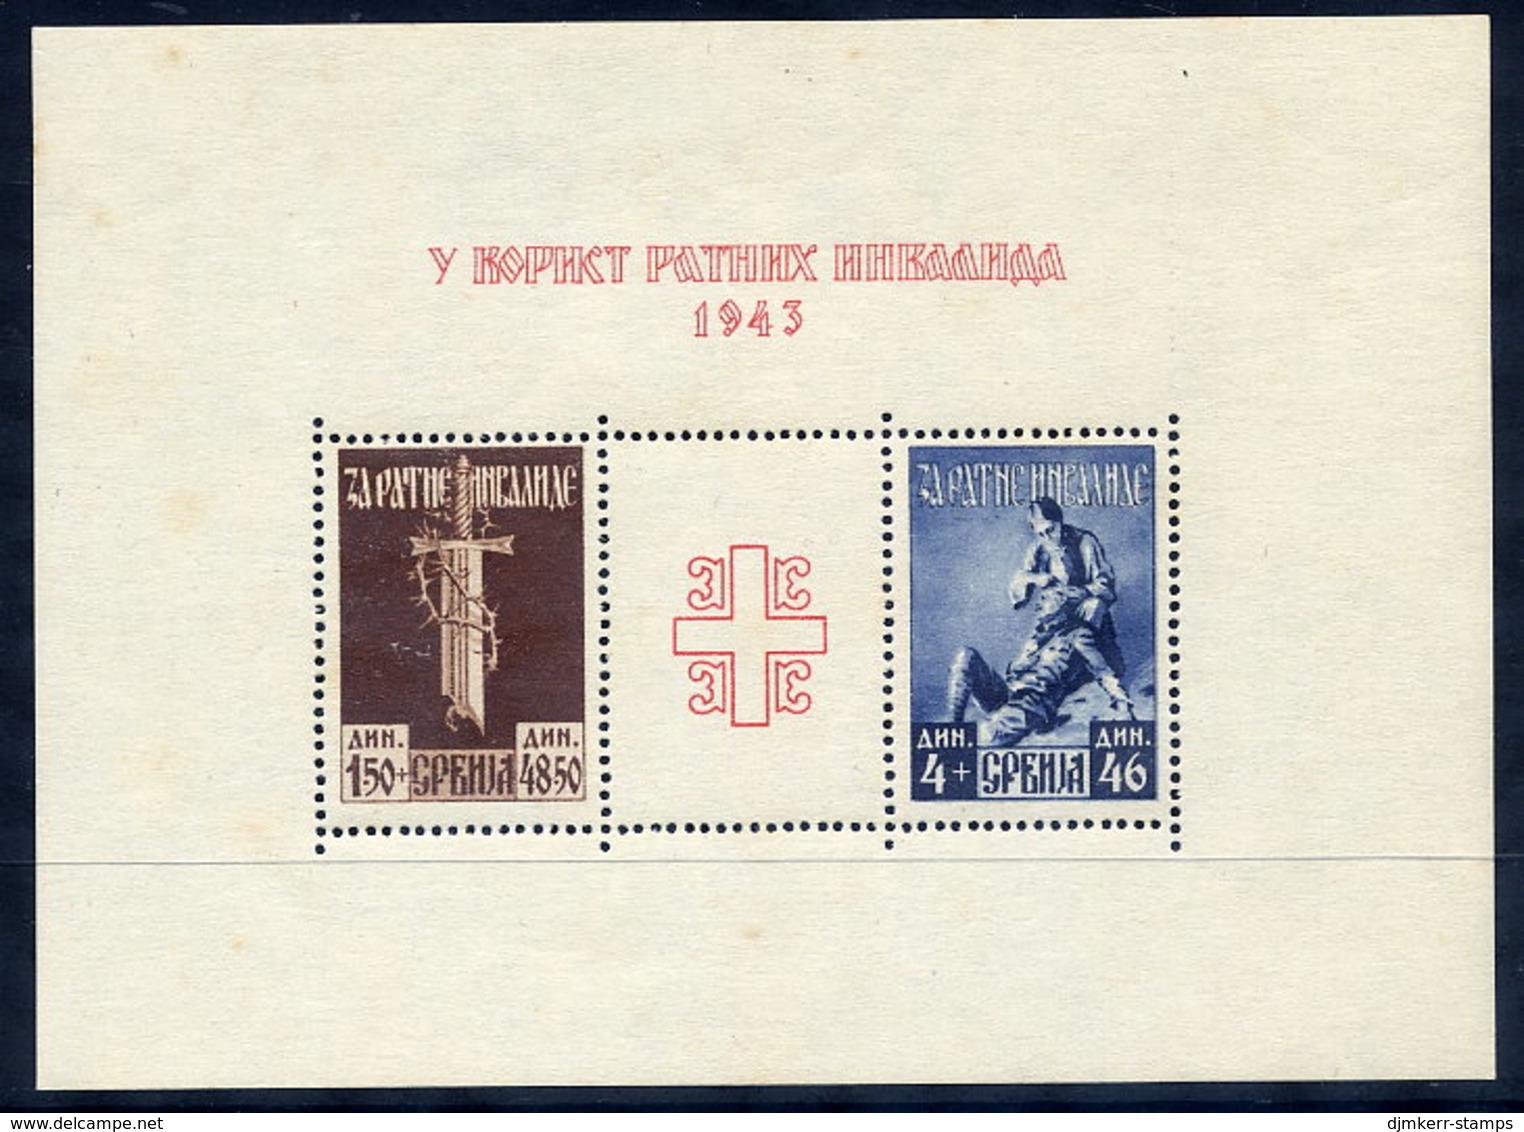 SERBIA 1943 War Invalids Block MNH / **. Michel Block 3 - Occupation 1938-45